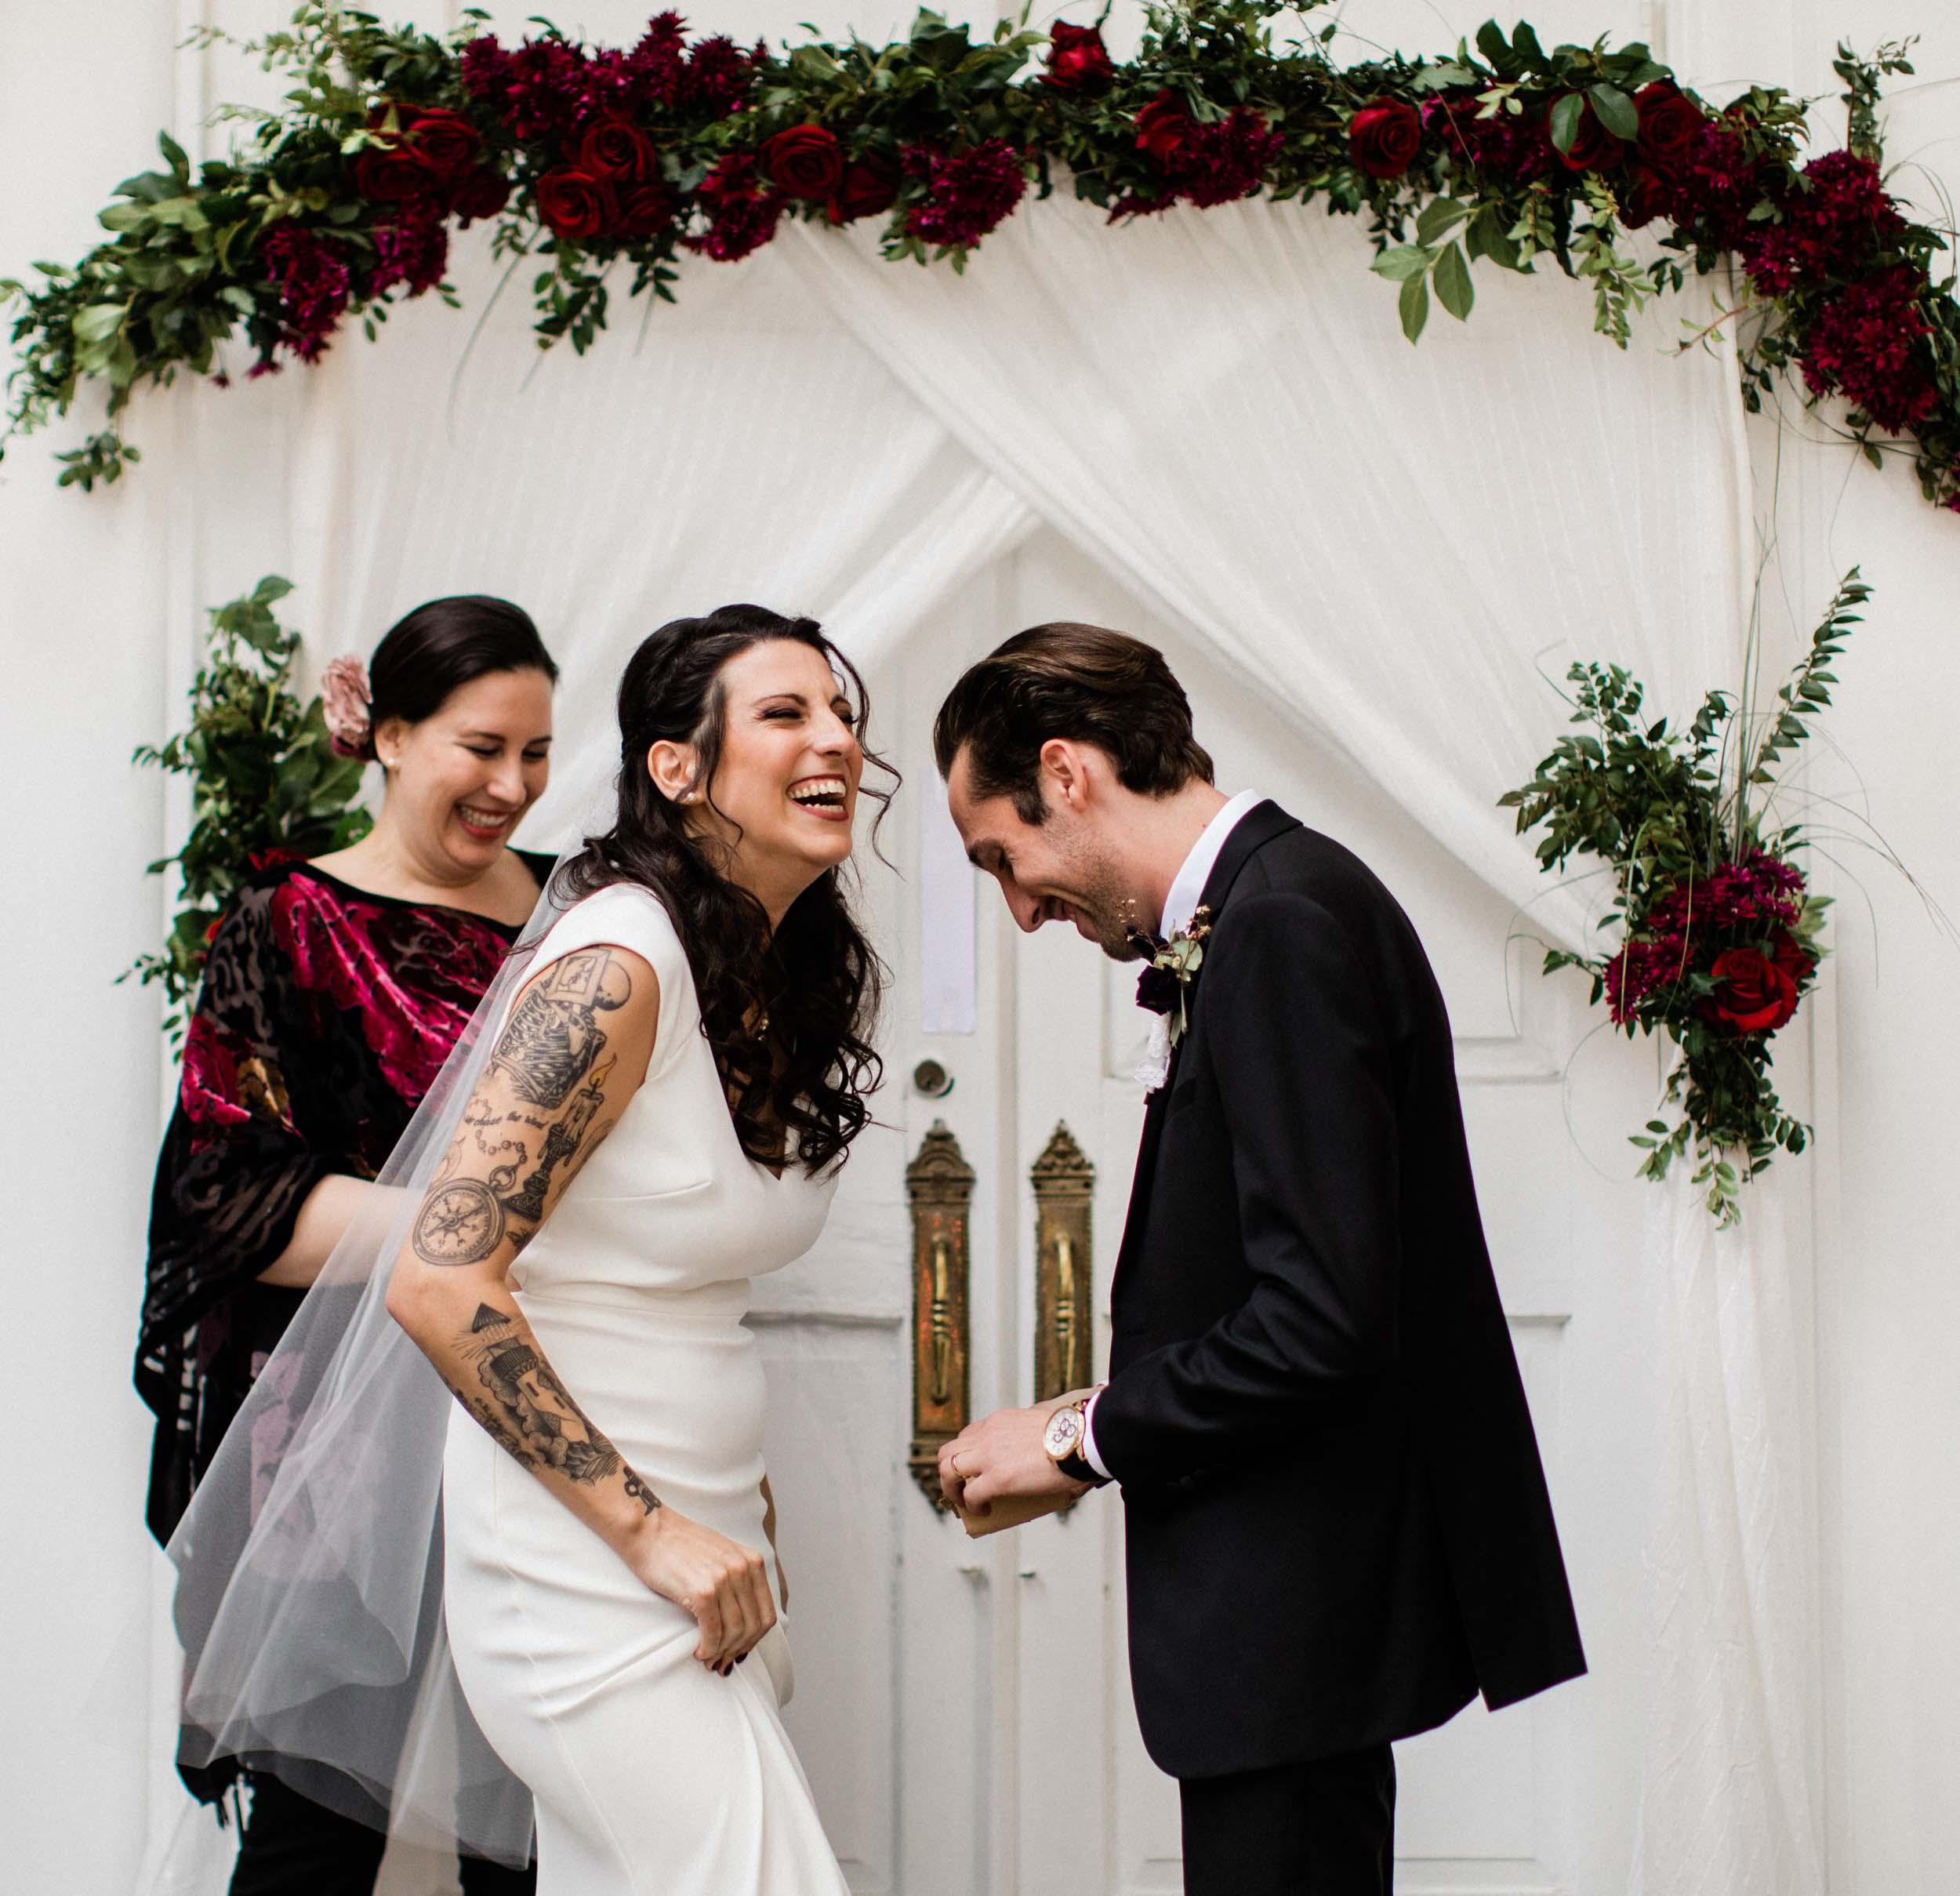 BKM-Photography-Pasadena-Goth-Dark-Wedding-Photography-Madeline-Garden-Bistro-Venue-0248.jpg